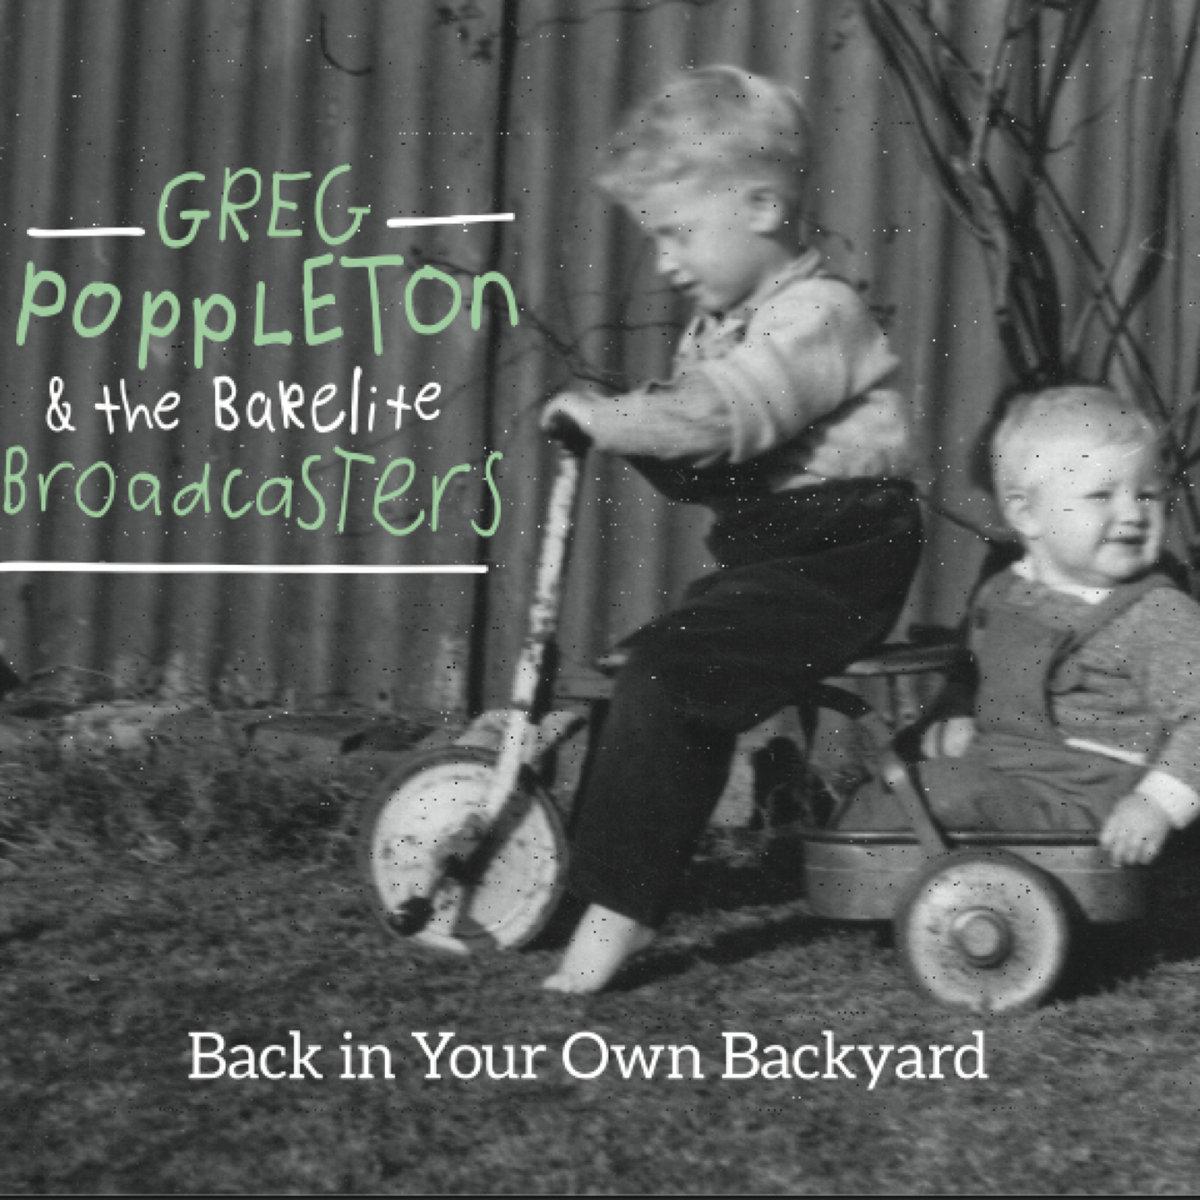 back in your own backyard greg poppleton and the bakelite